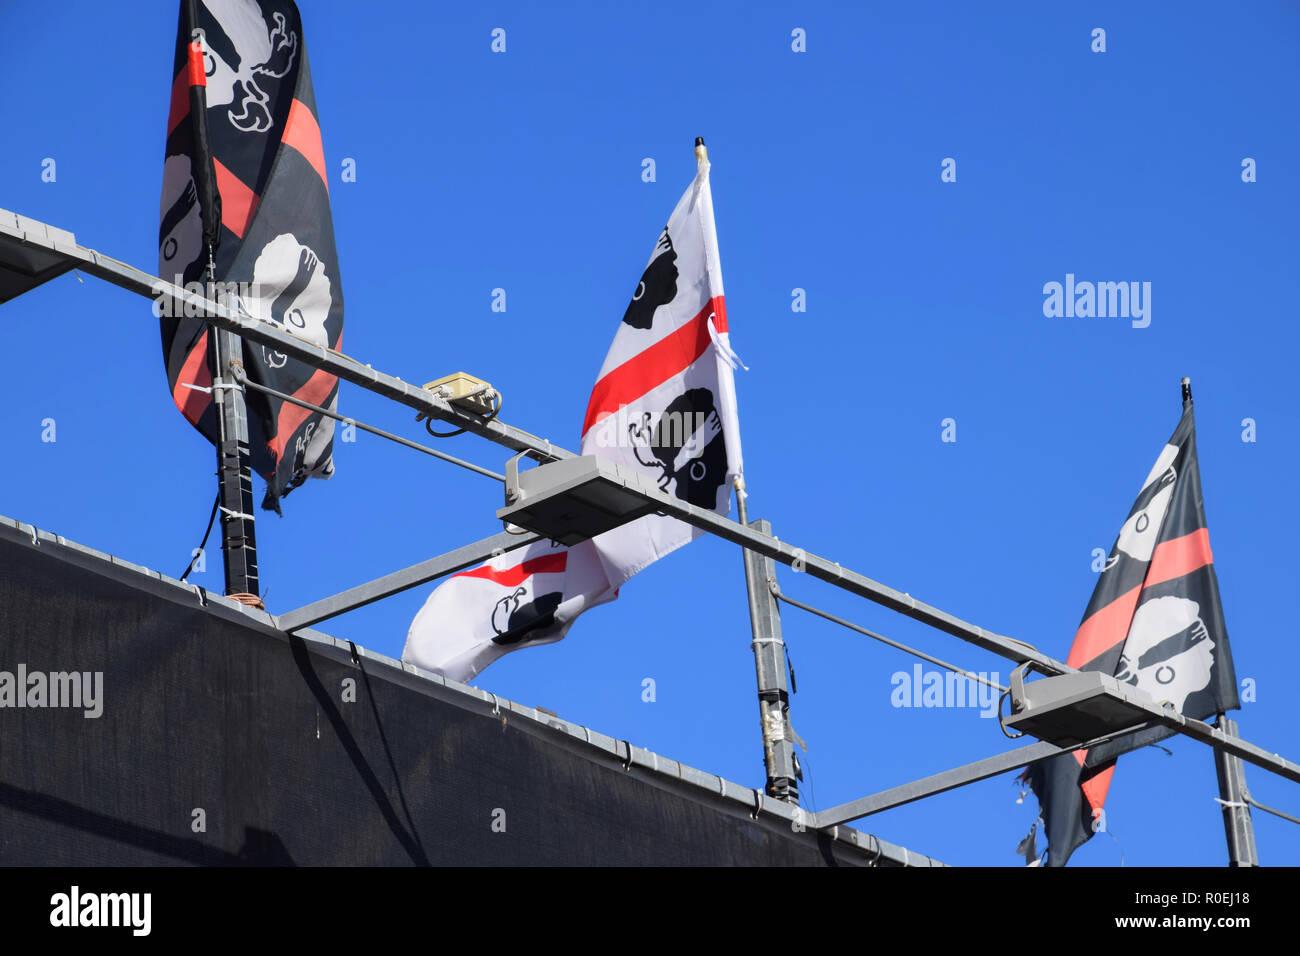 CASTELSARDO, ITALIE - Le 12 septembre 2018: sarde trois drapeaux flottant au vent, beaucoup de drapeaux de nationalisme sarde en face de bleu profond et c Photo Stock